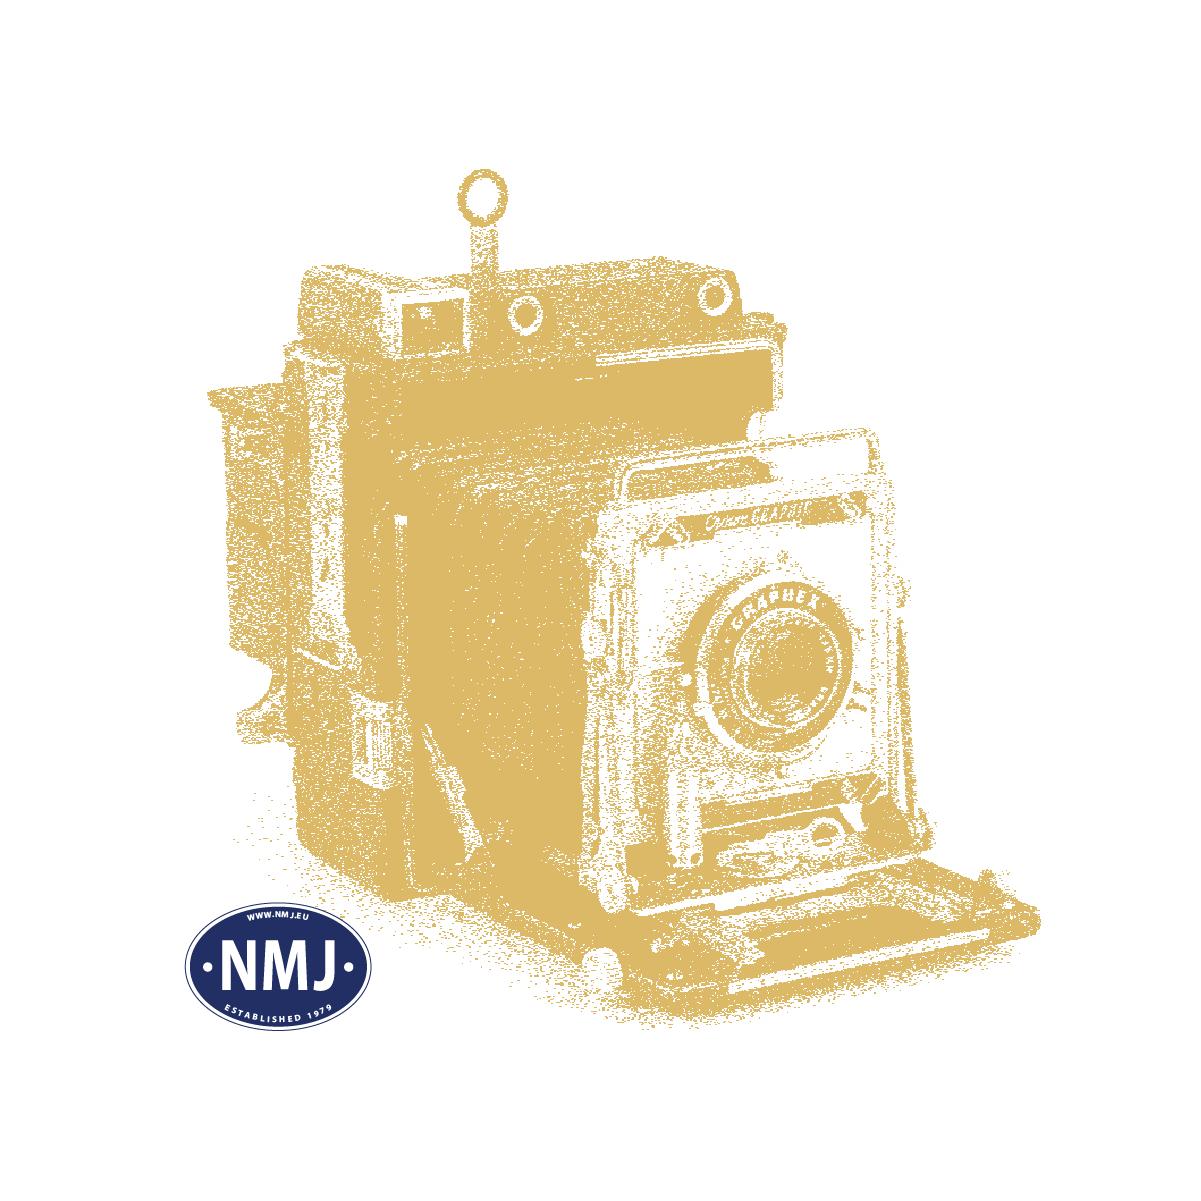 FLM931705 - Analogt Startsett m/ DB Godstog, N-Skala